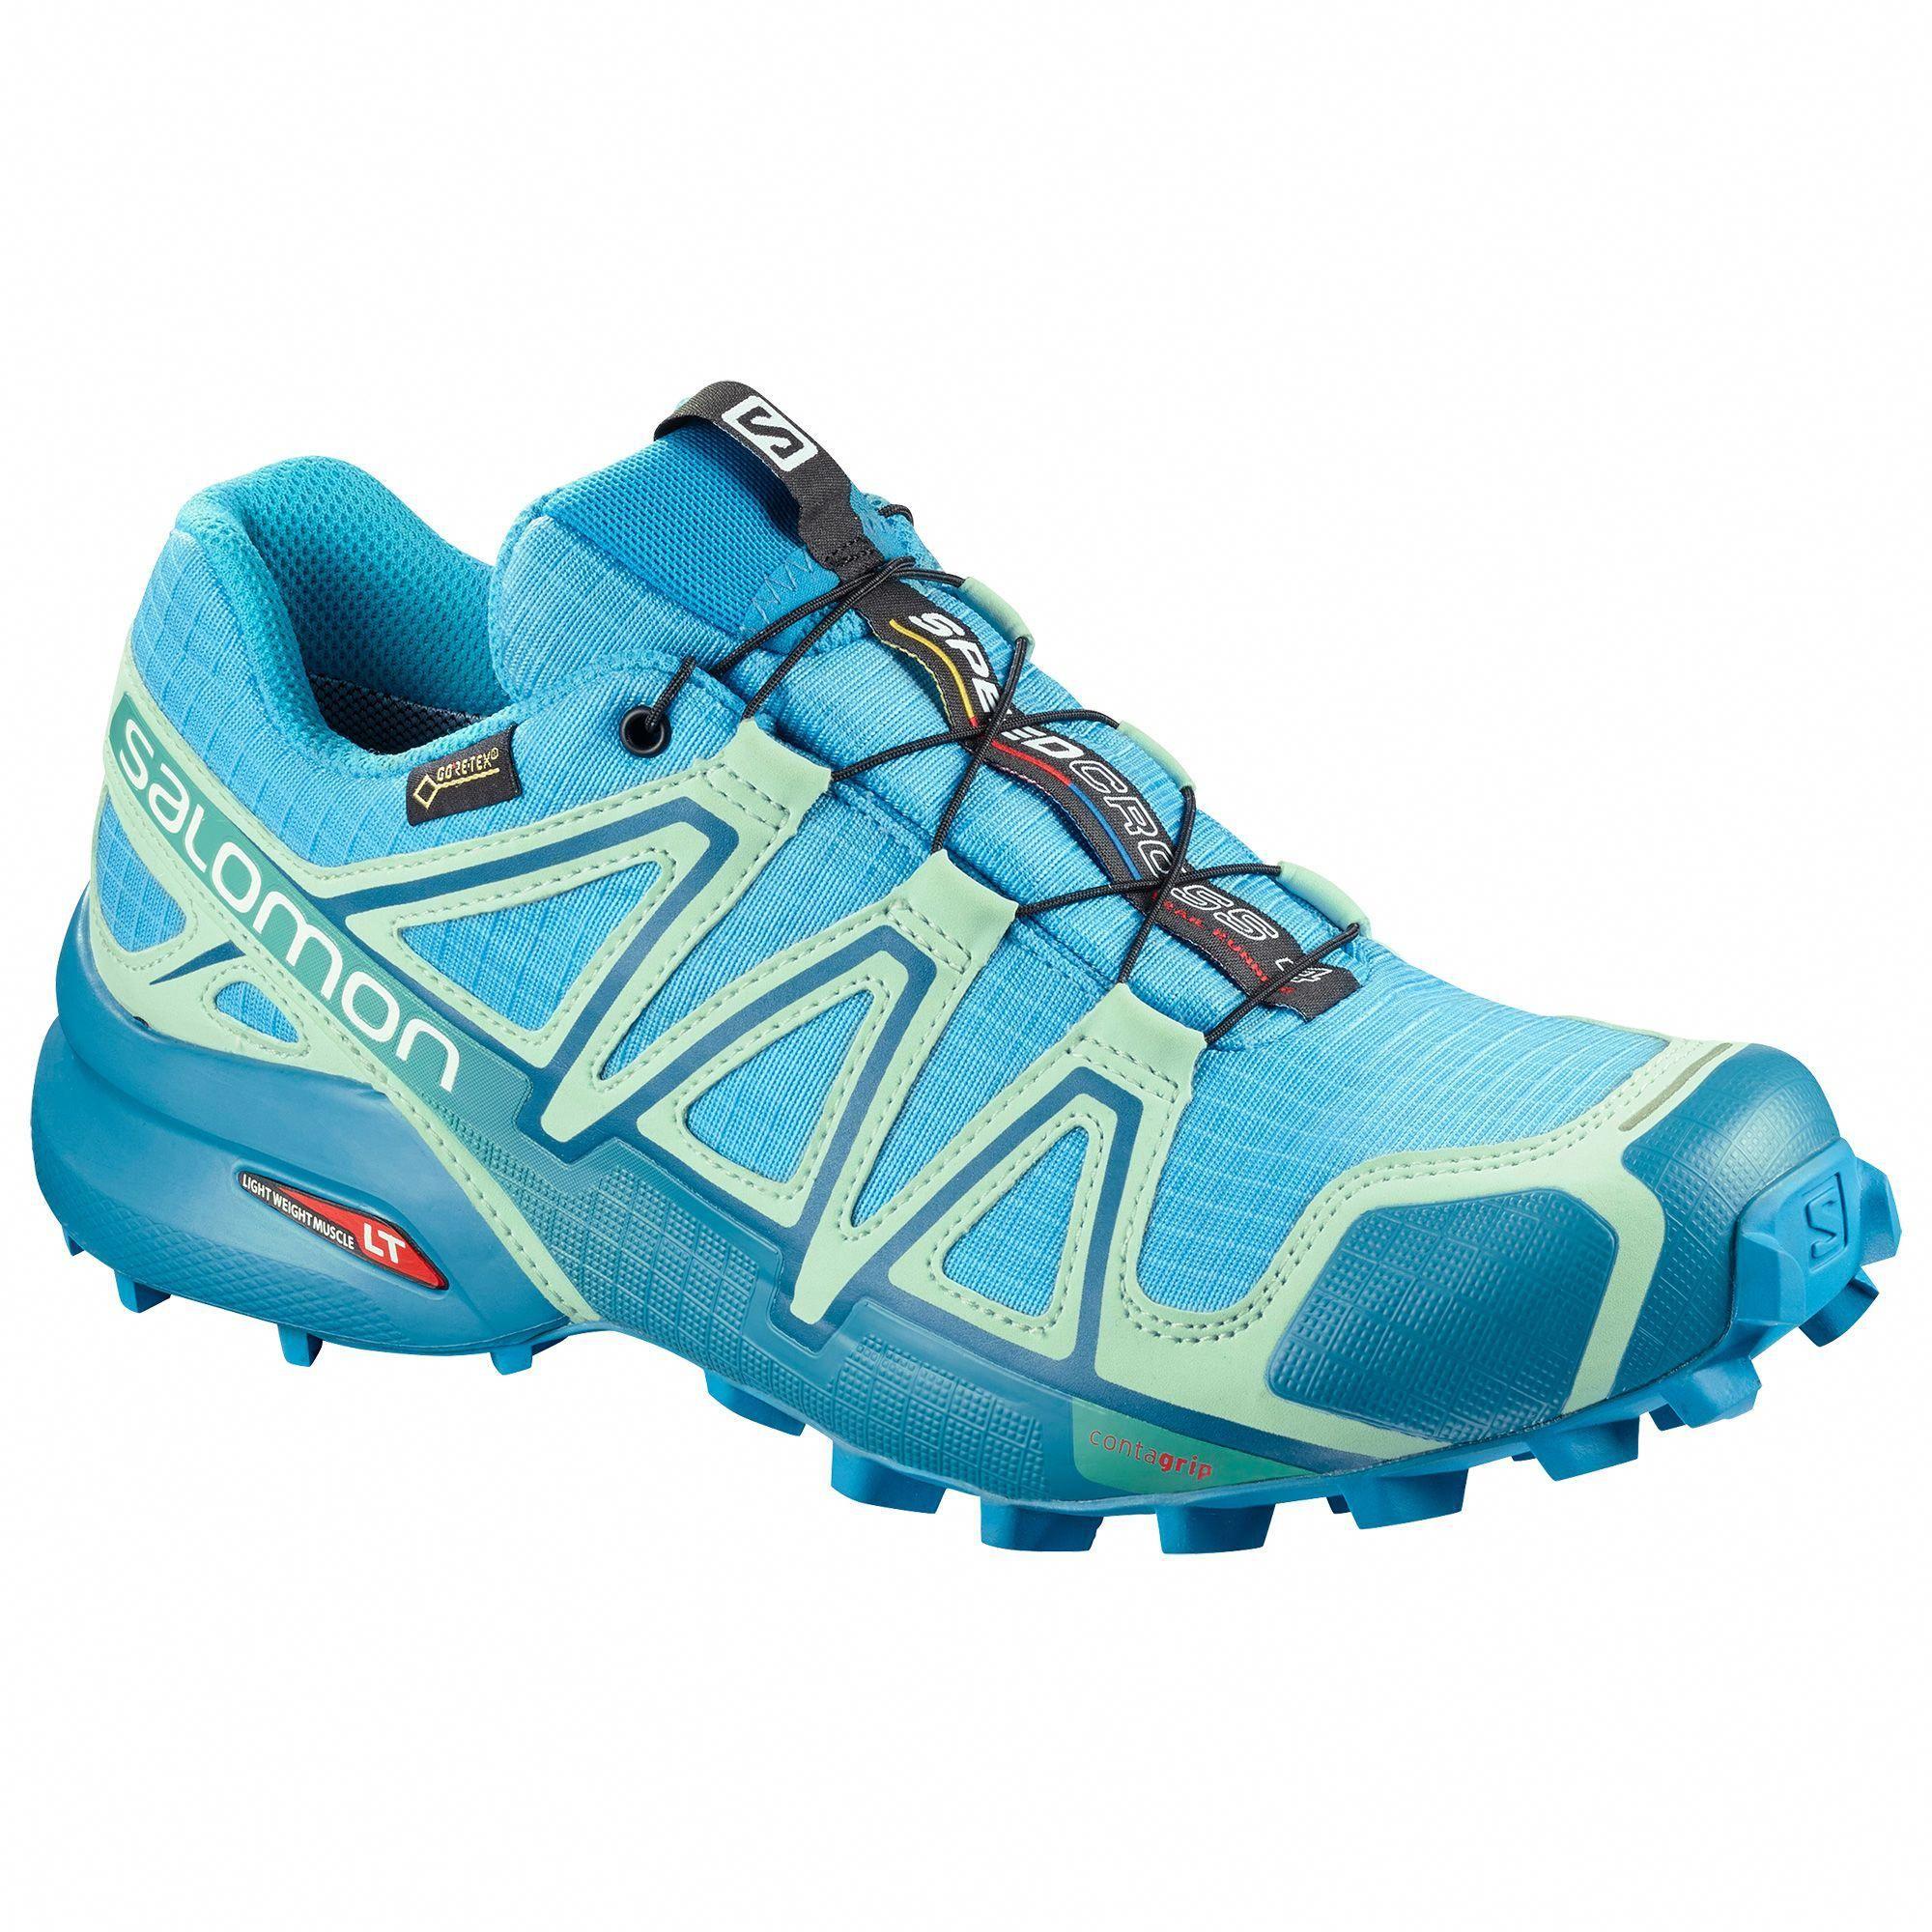 bieten viel 50-70% Rabatt auf Füßen Bilder von Salomon trail shoes: SPEEDCROSS 4 GTX® W #trailshoes ...